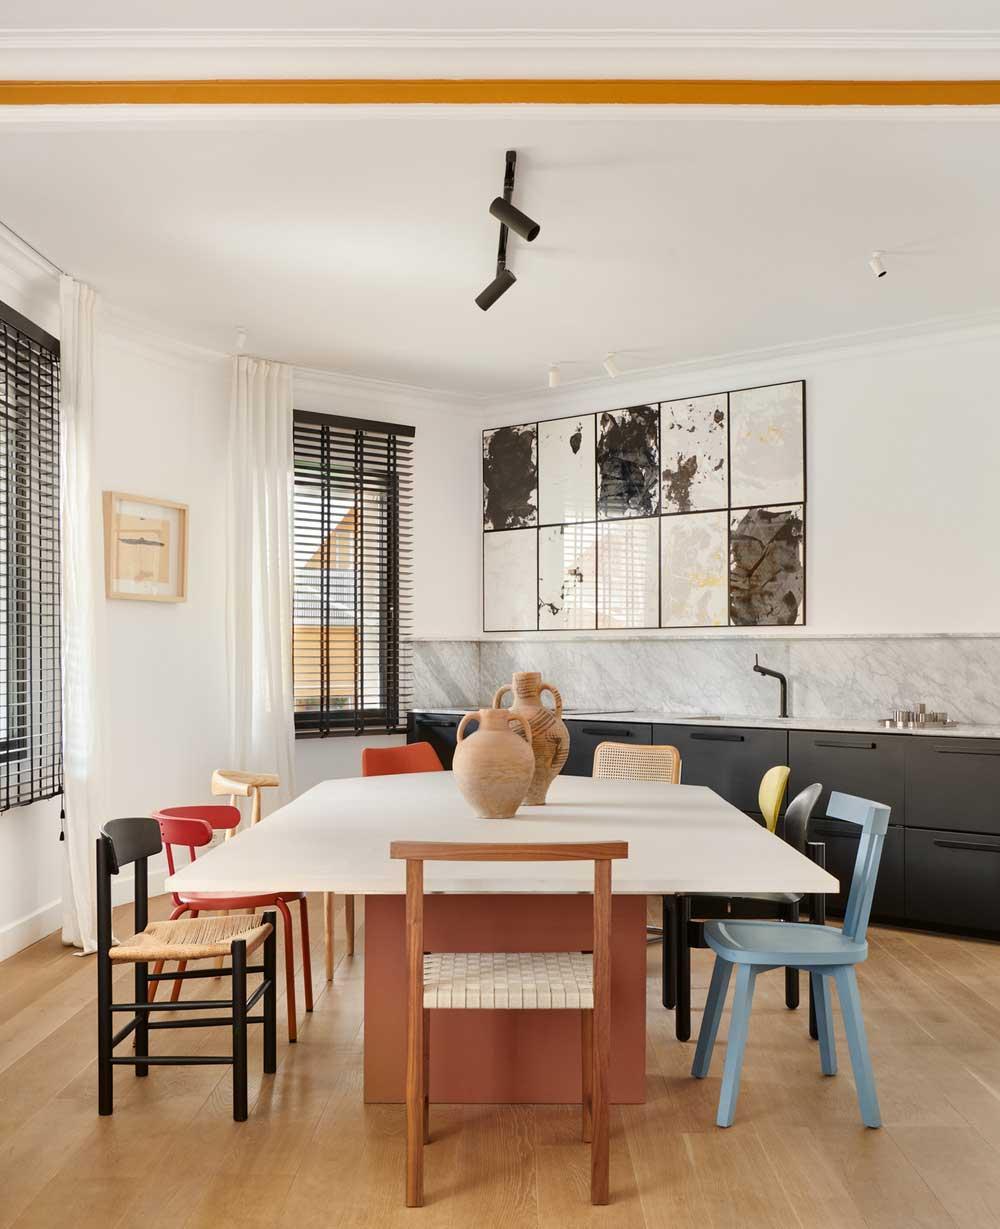 Красочная квартира дизайнера с оригинальным декором в Барселоне